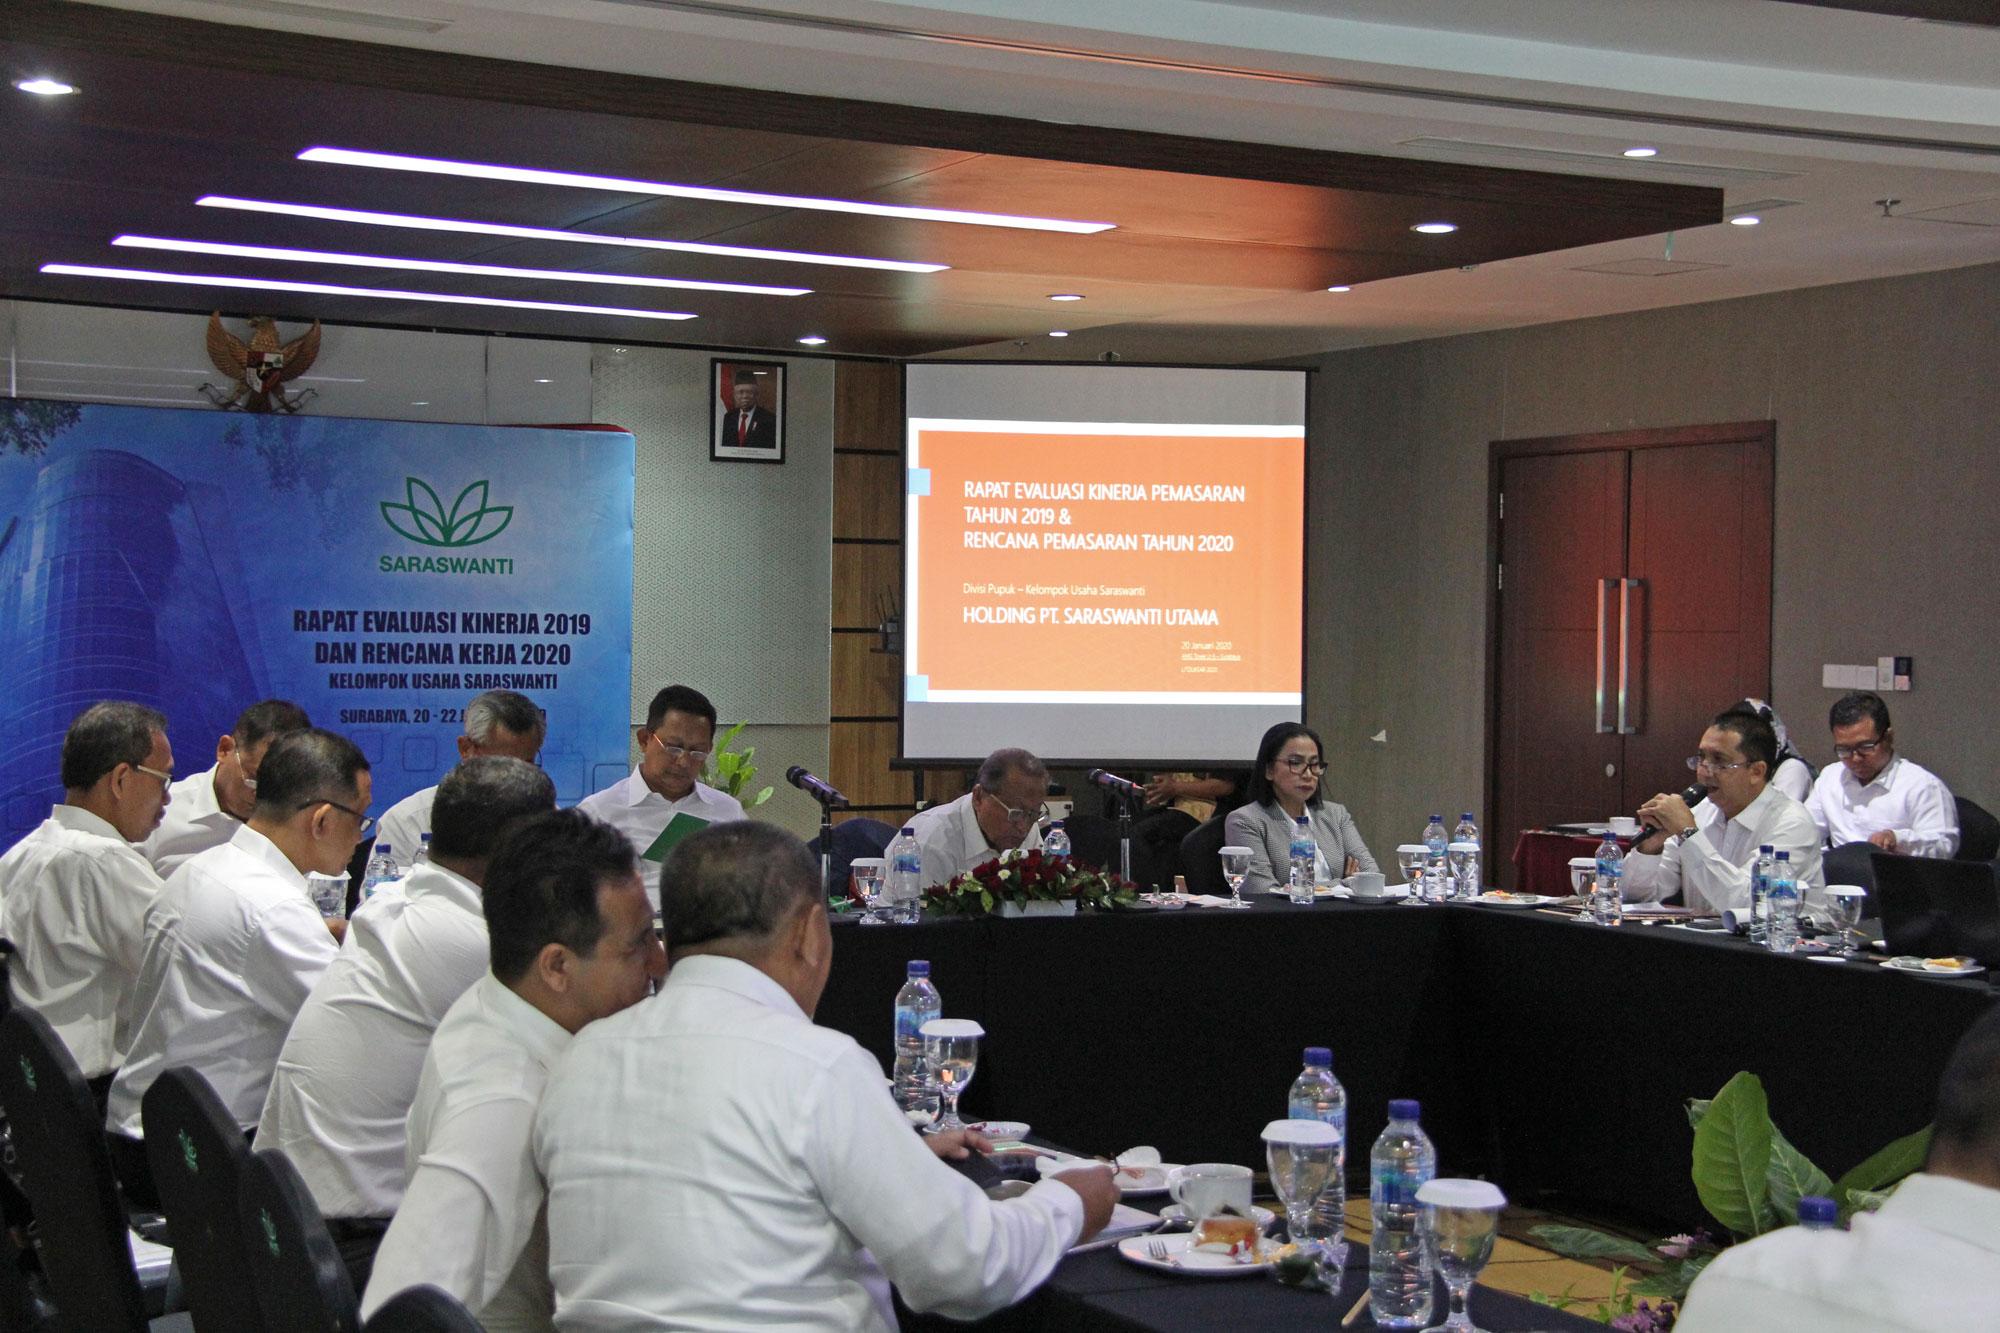 Saraswanti Group Rapat Evaluasi Kinerja 2019 Rencana Kerja 2020 06